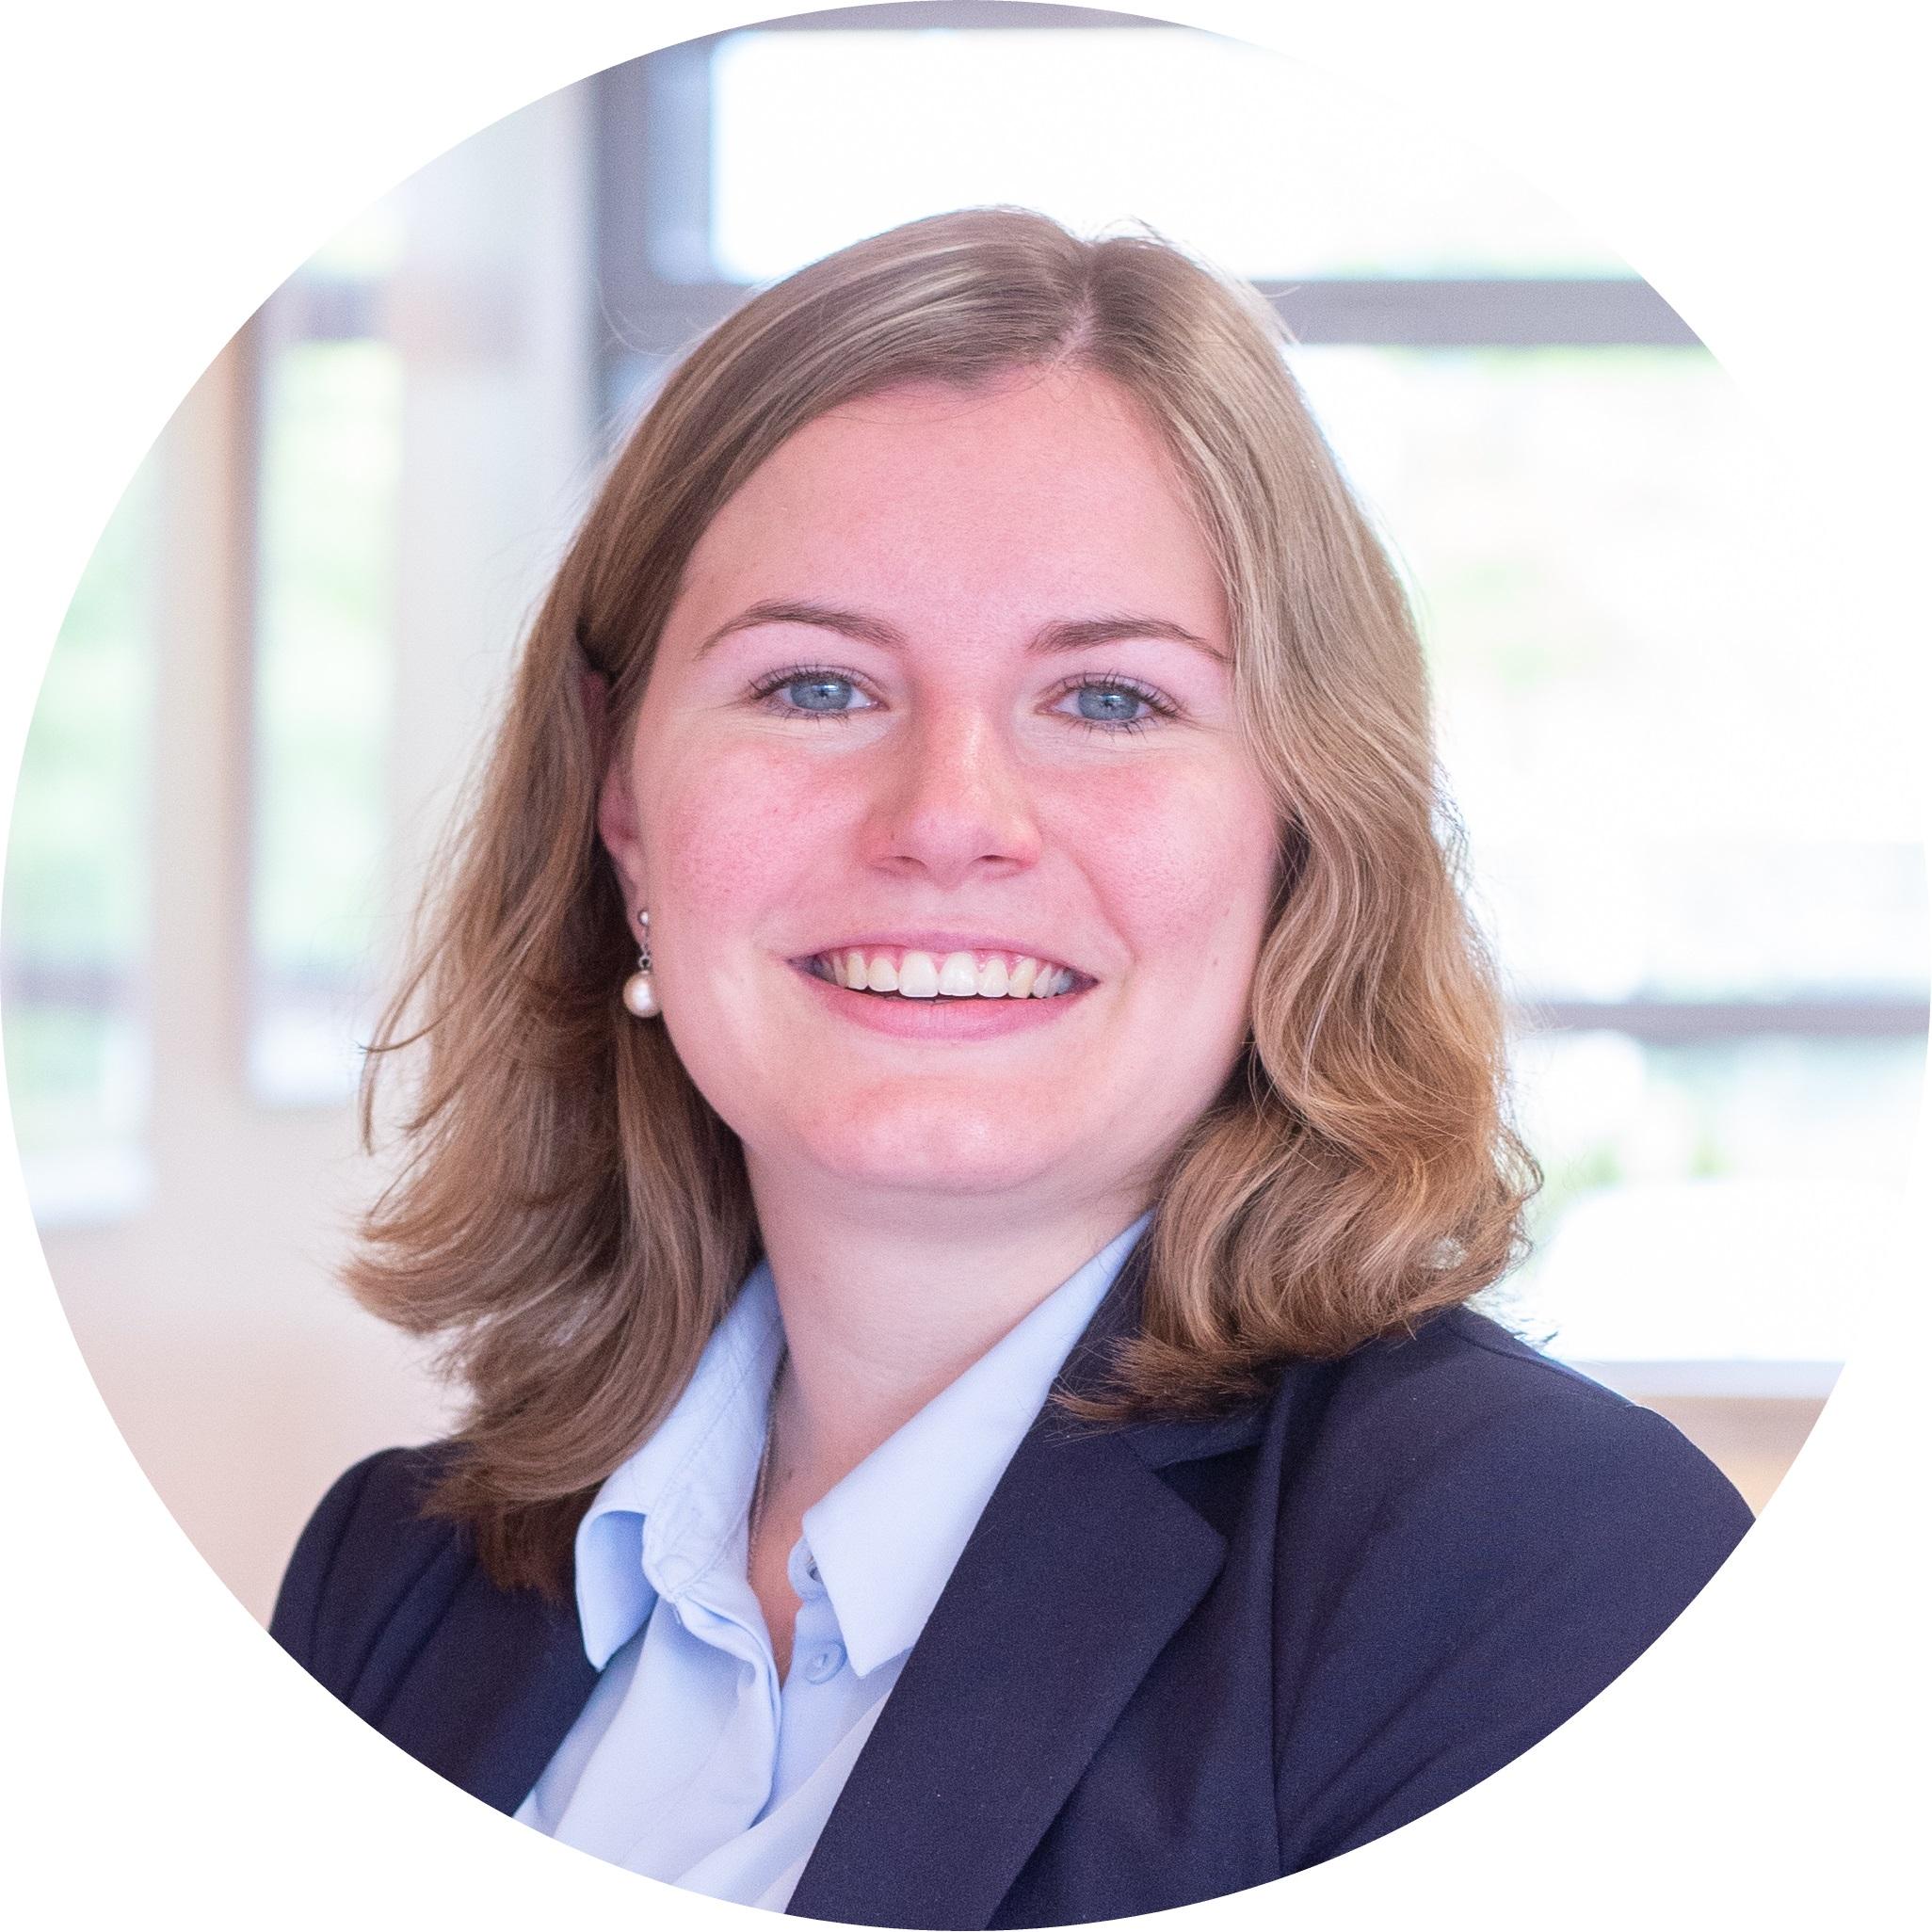 Lauren Kerkhof